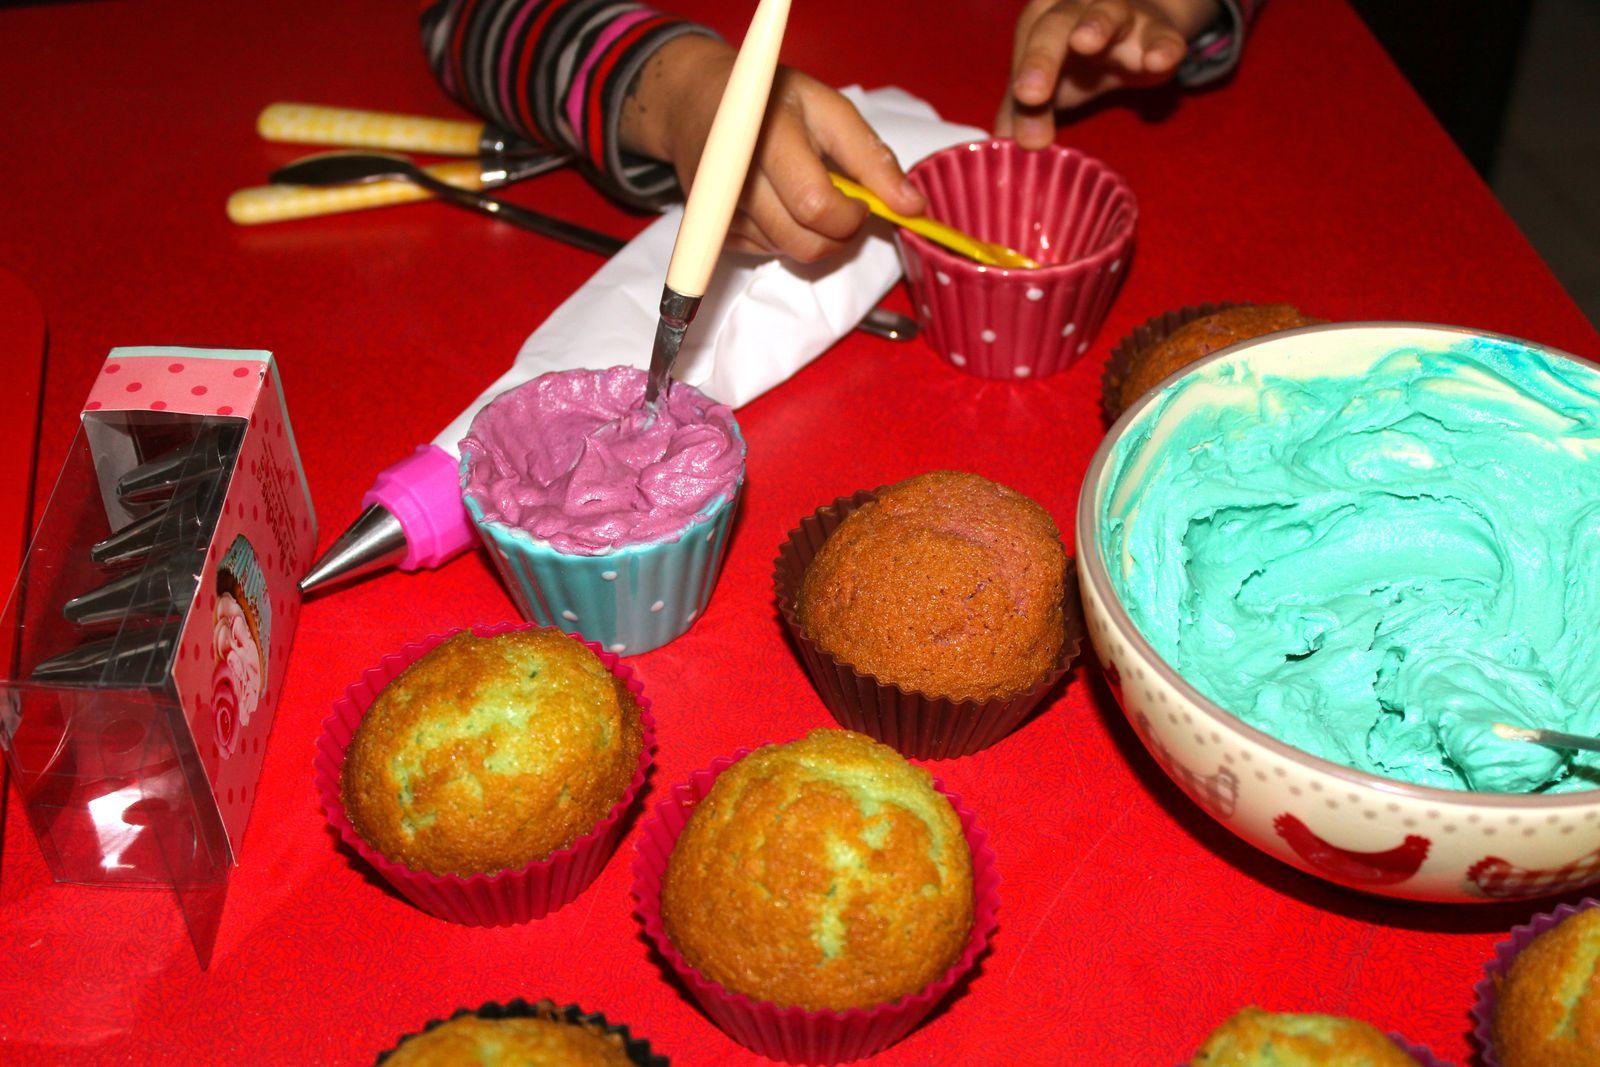 Pastels ou couleurs saturés? On peut varier la couleur en ajoutant du colorant.